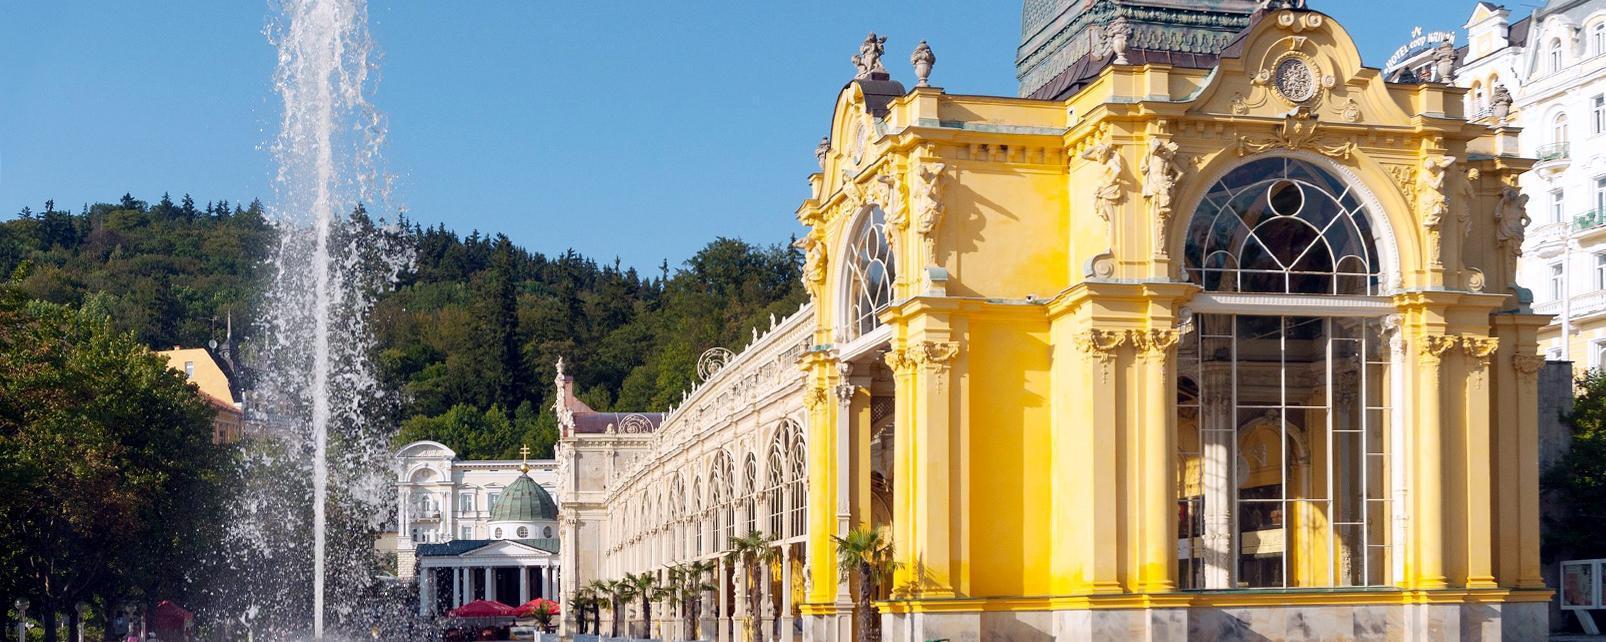 Marianske Lazne Czech Republic  city photos : Travel to Marianske Lazne, Czech Republic Marianske Lazne Travel ...